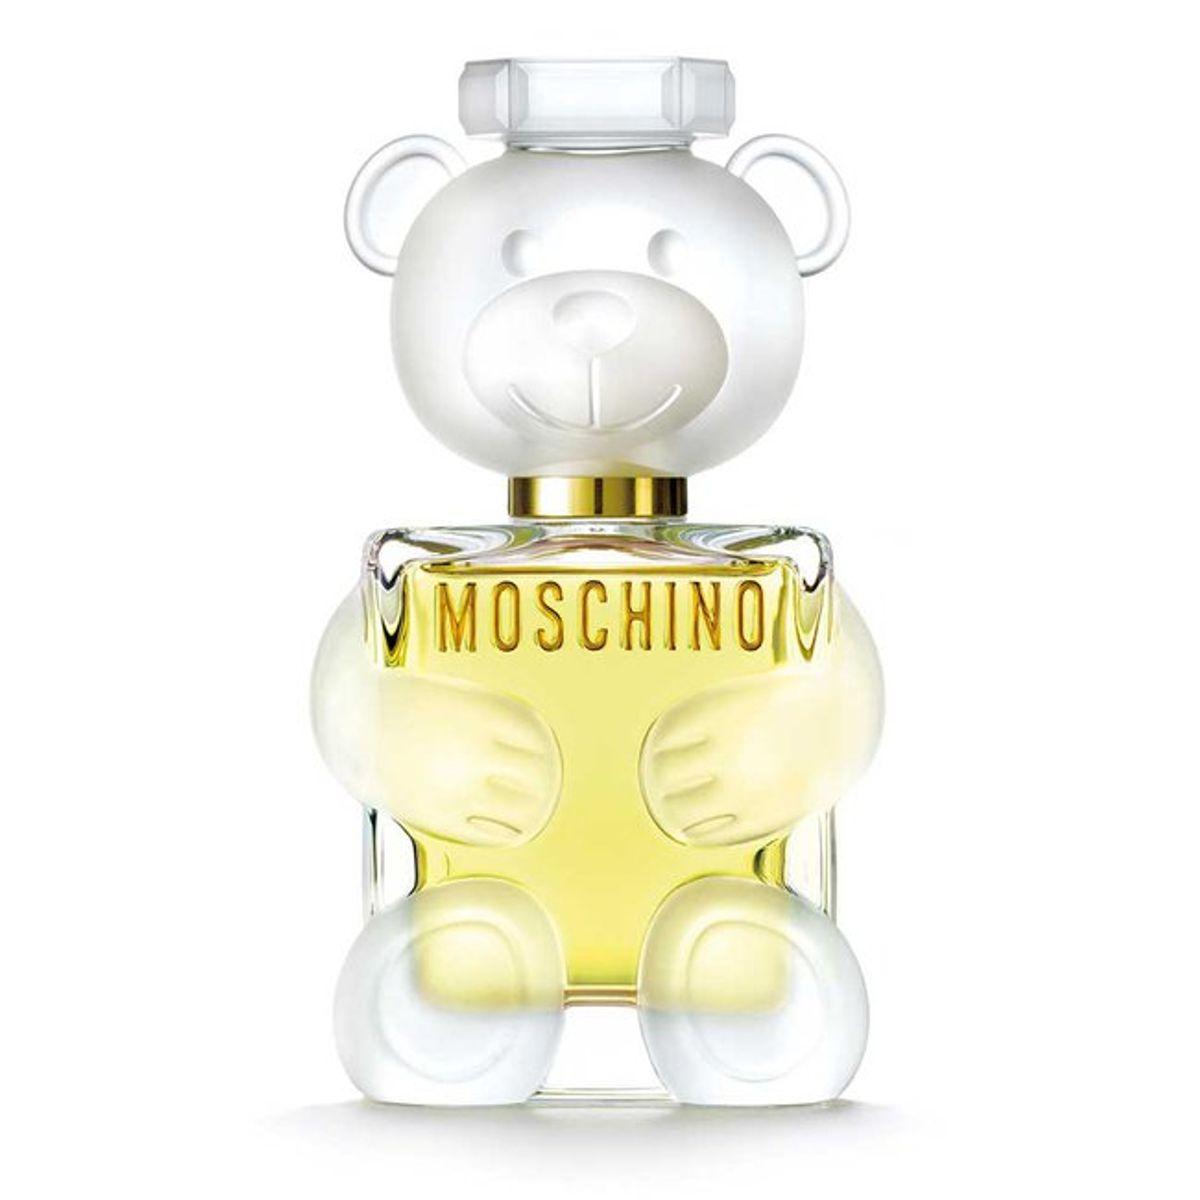 Moschino - Toy 2 EDP 50ml